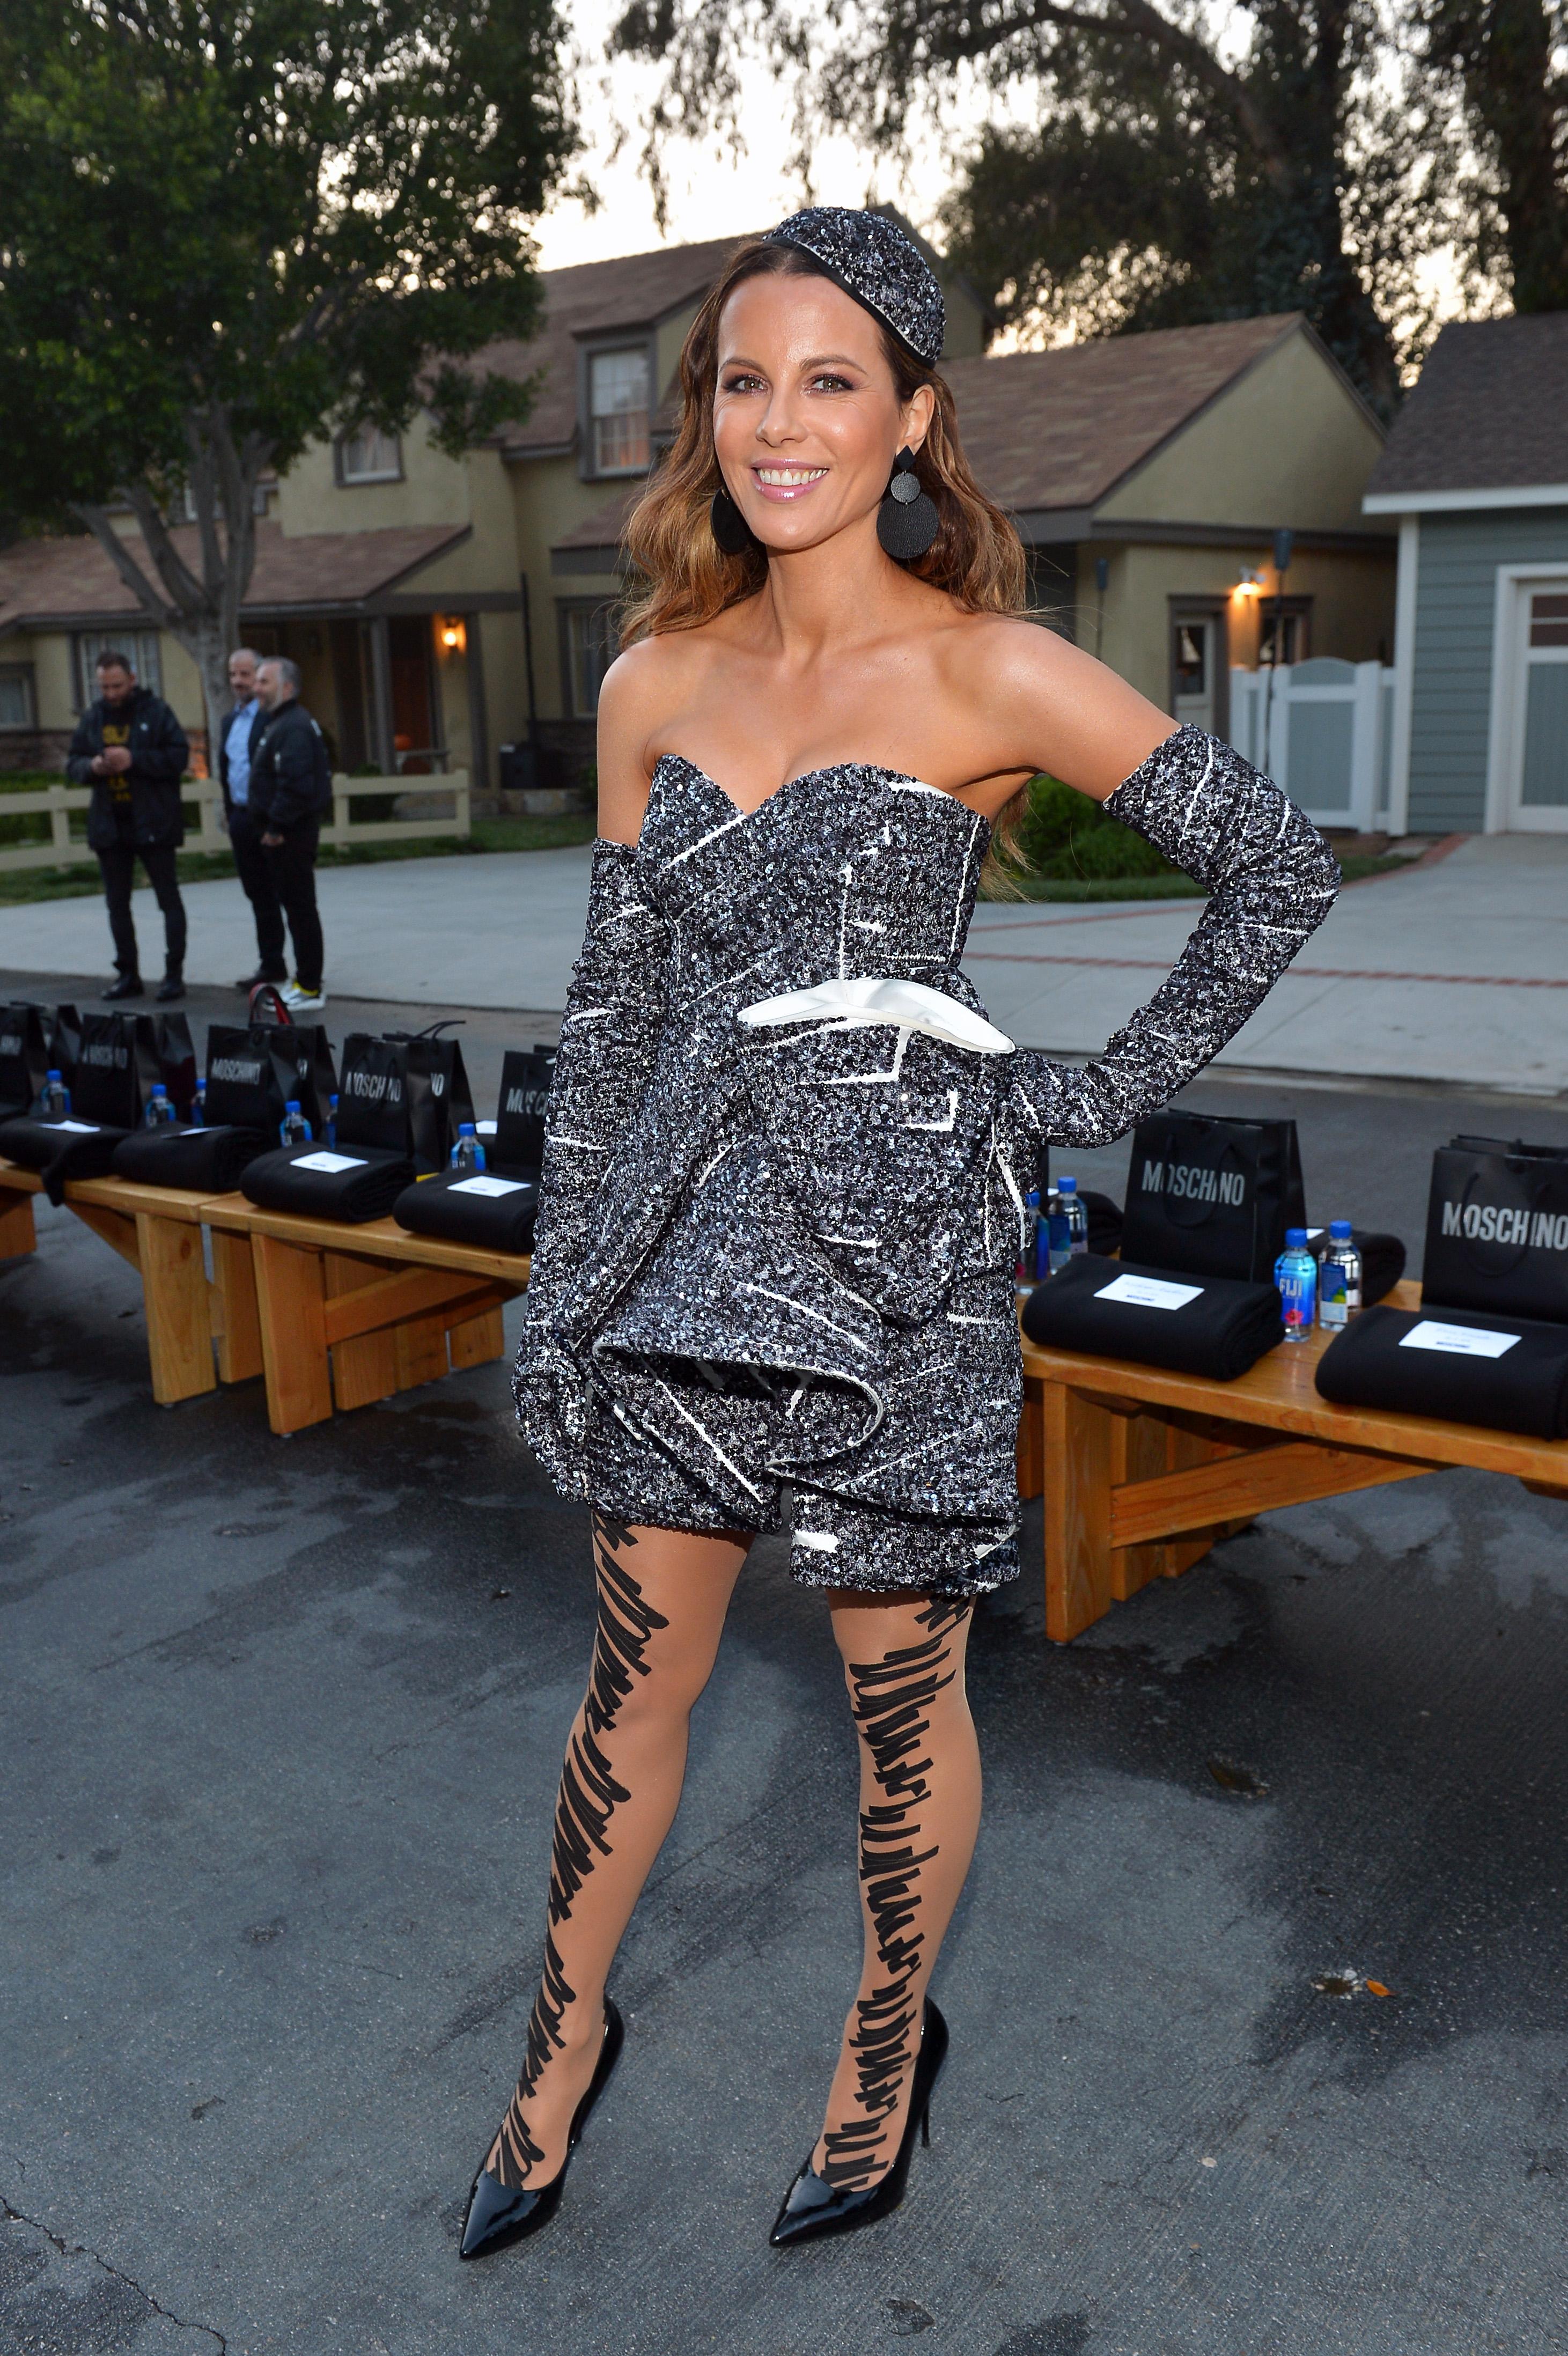 Колекцията Resort 2020  на Moschino в Лос Анджелис събра тълпа от фенове, сред които Кейт Бекинсейл, Парис Джексън, Рита Ора & more... За дефилето 45-годишната Кейт Бекинсейл, която скъса с 25-годишния си приятел Пит преди няколко месеца, се появи в черно-бяла мини рокля, избродирана със стотици пайети, създадена от Скот за колекцията, която дизайнерът посвети на дизайнерското студио, в което вечно вилнее хаос.